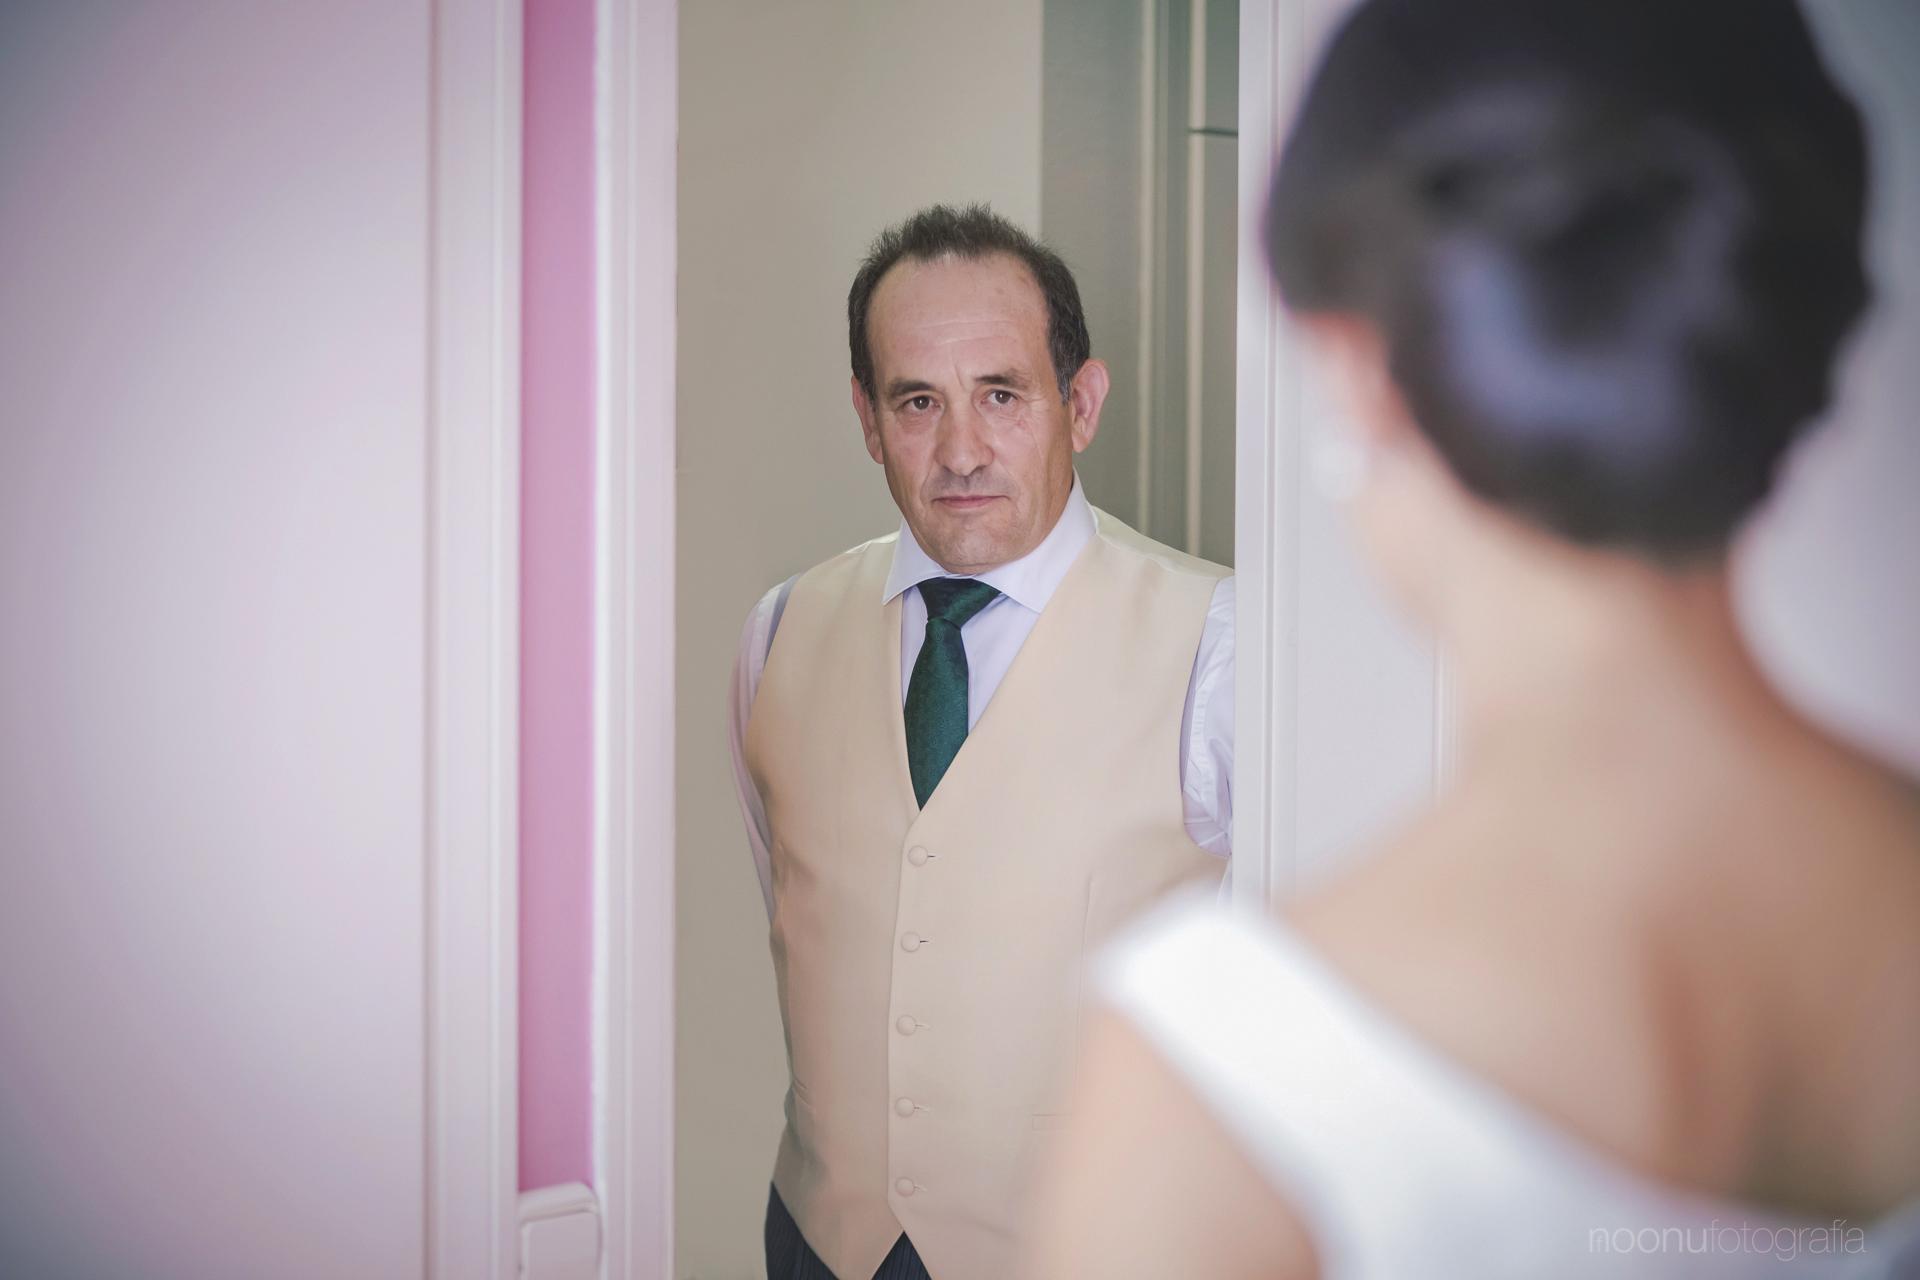 Noonu-fotografo-de-bodas-madrid-Ana 1